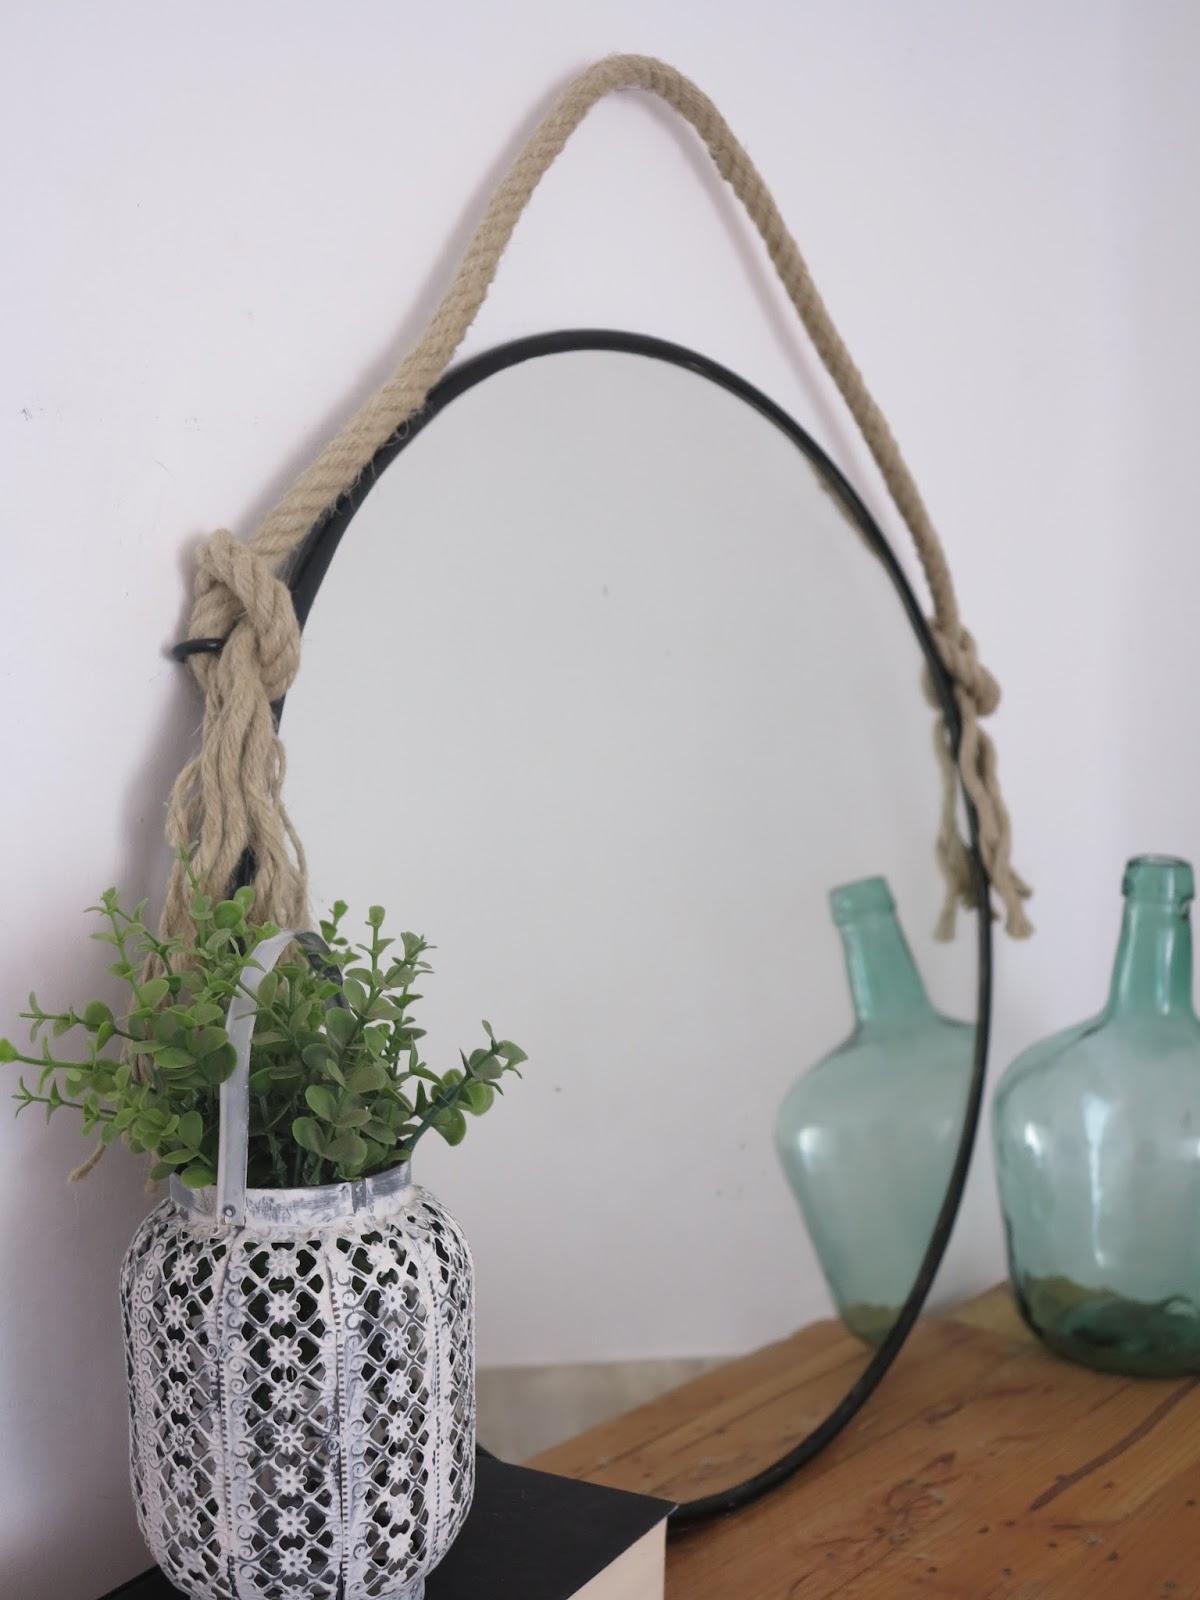 Diy espejo r stico negro con cuerda handbox craft for Espejos de entrada originales